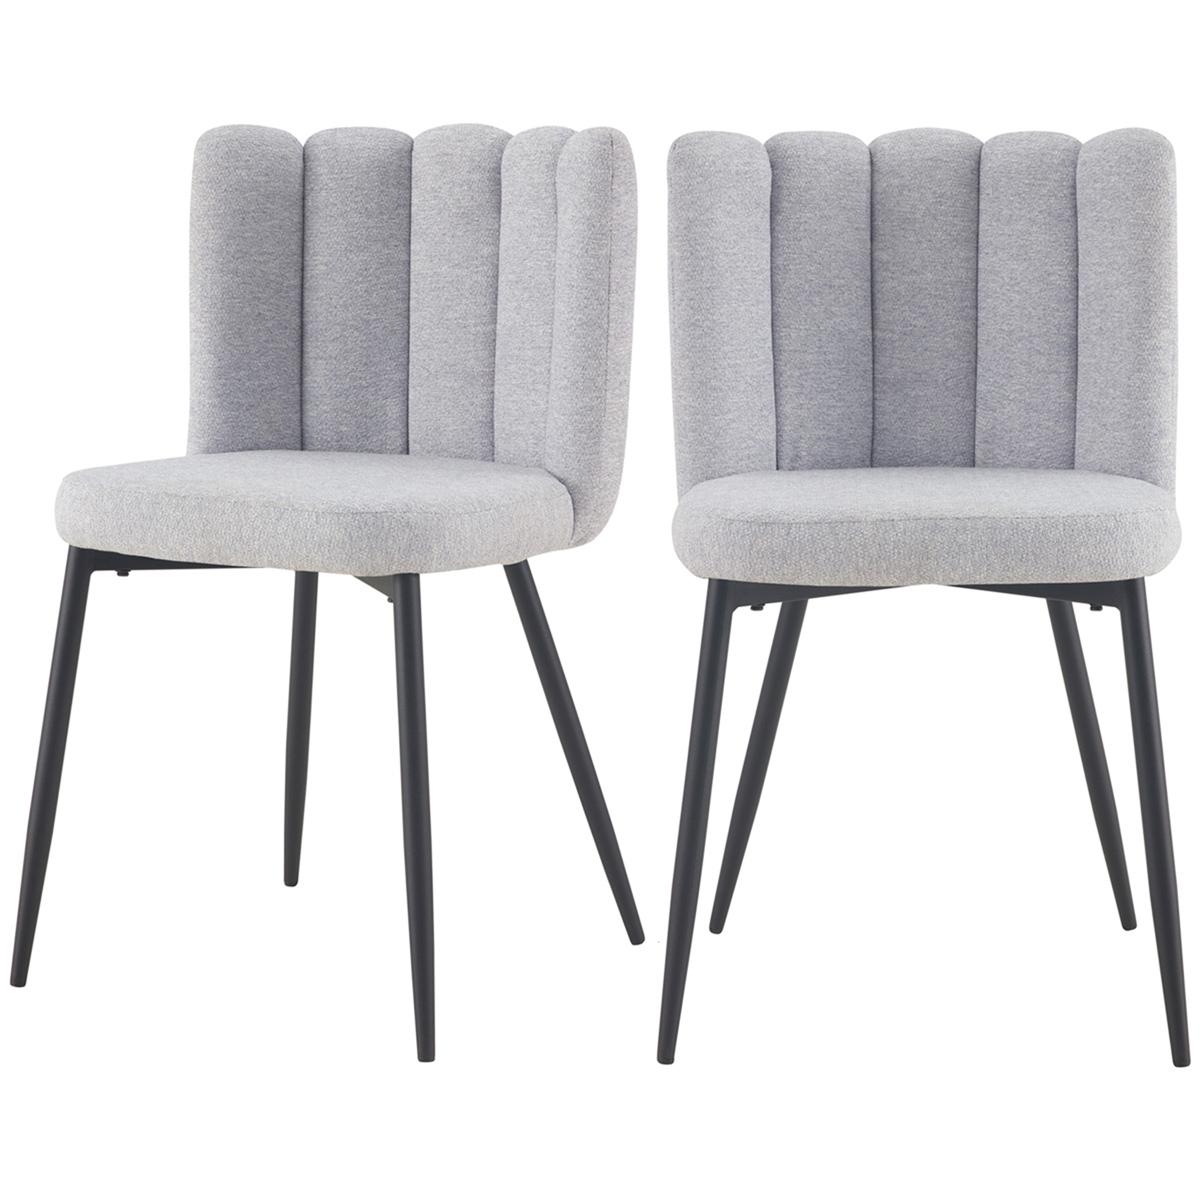 Chaise en tissu gris et pieds en métal noir (lot de 2)